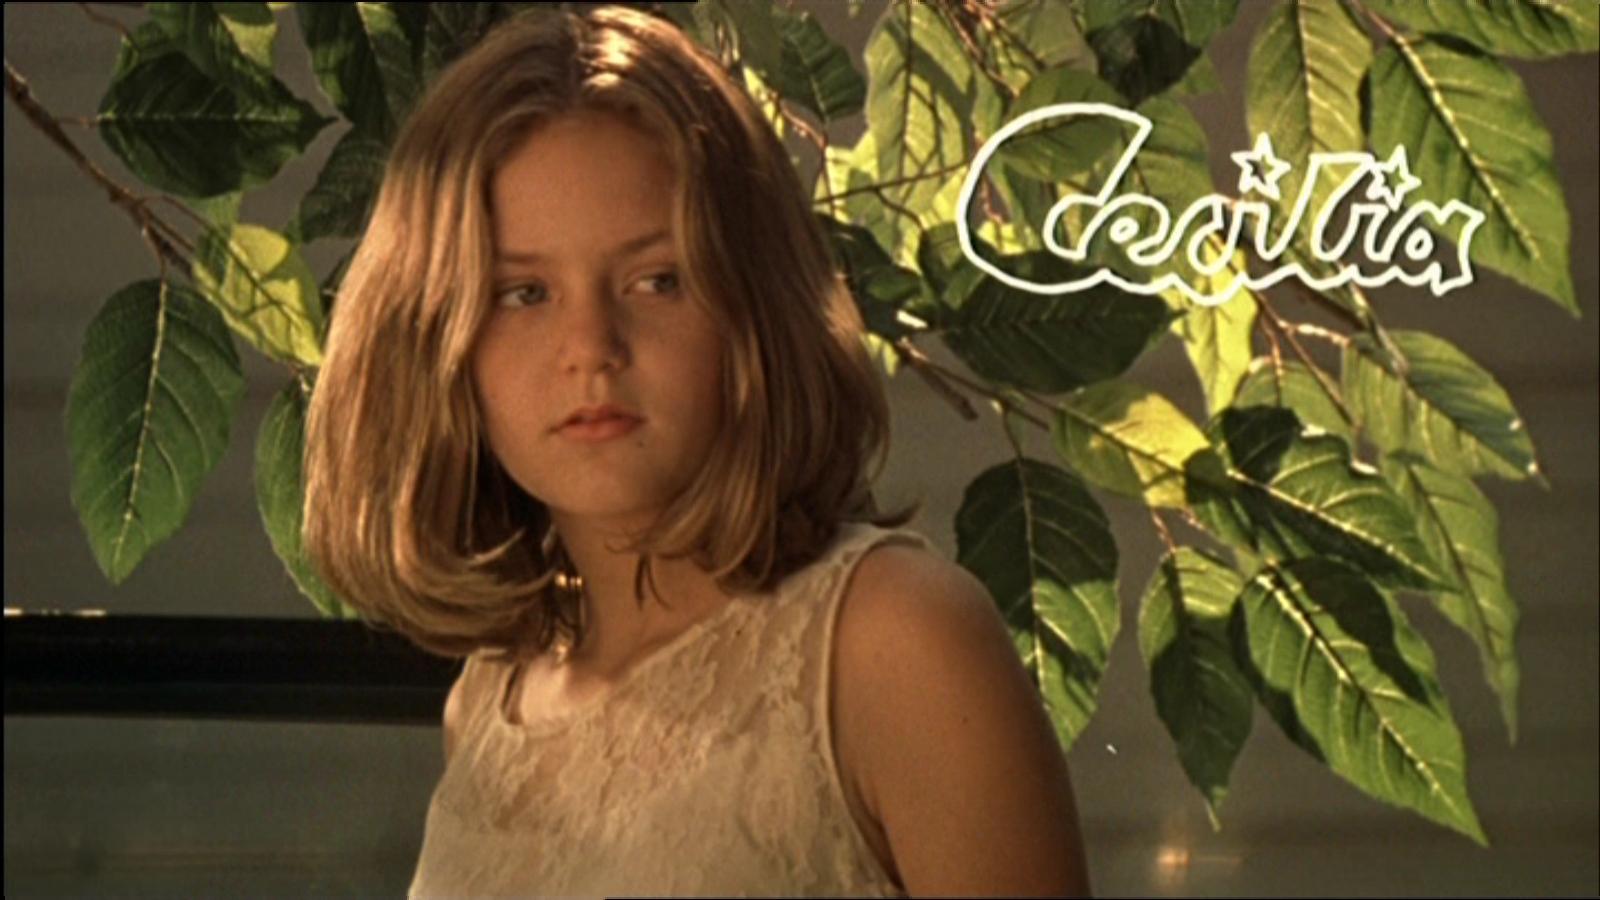 devstvennitsi-samoubiytsi-film-1999